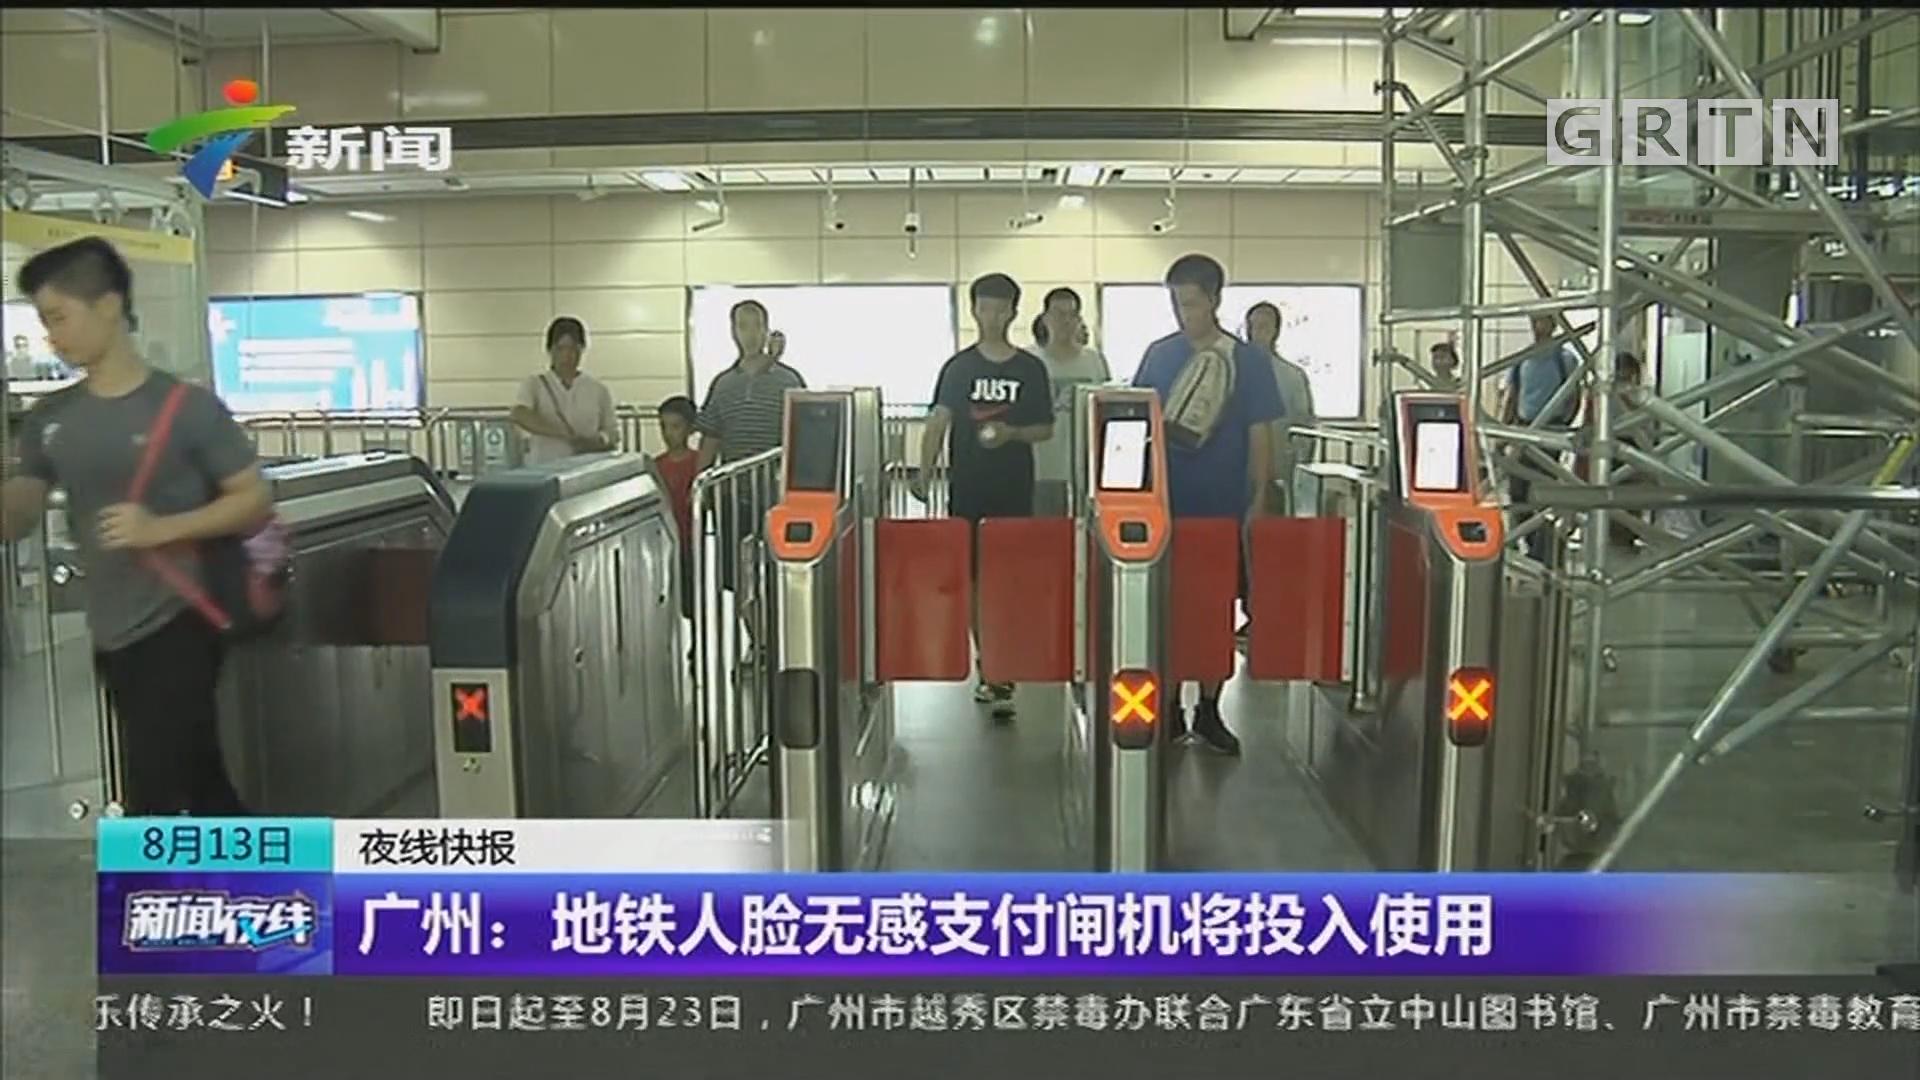 广州:地铁人脸无感支付闸机将投入使用